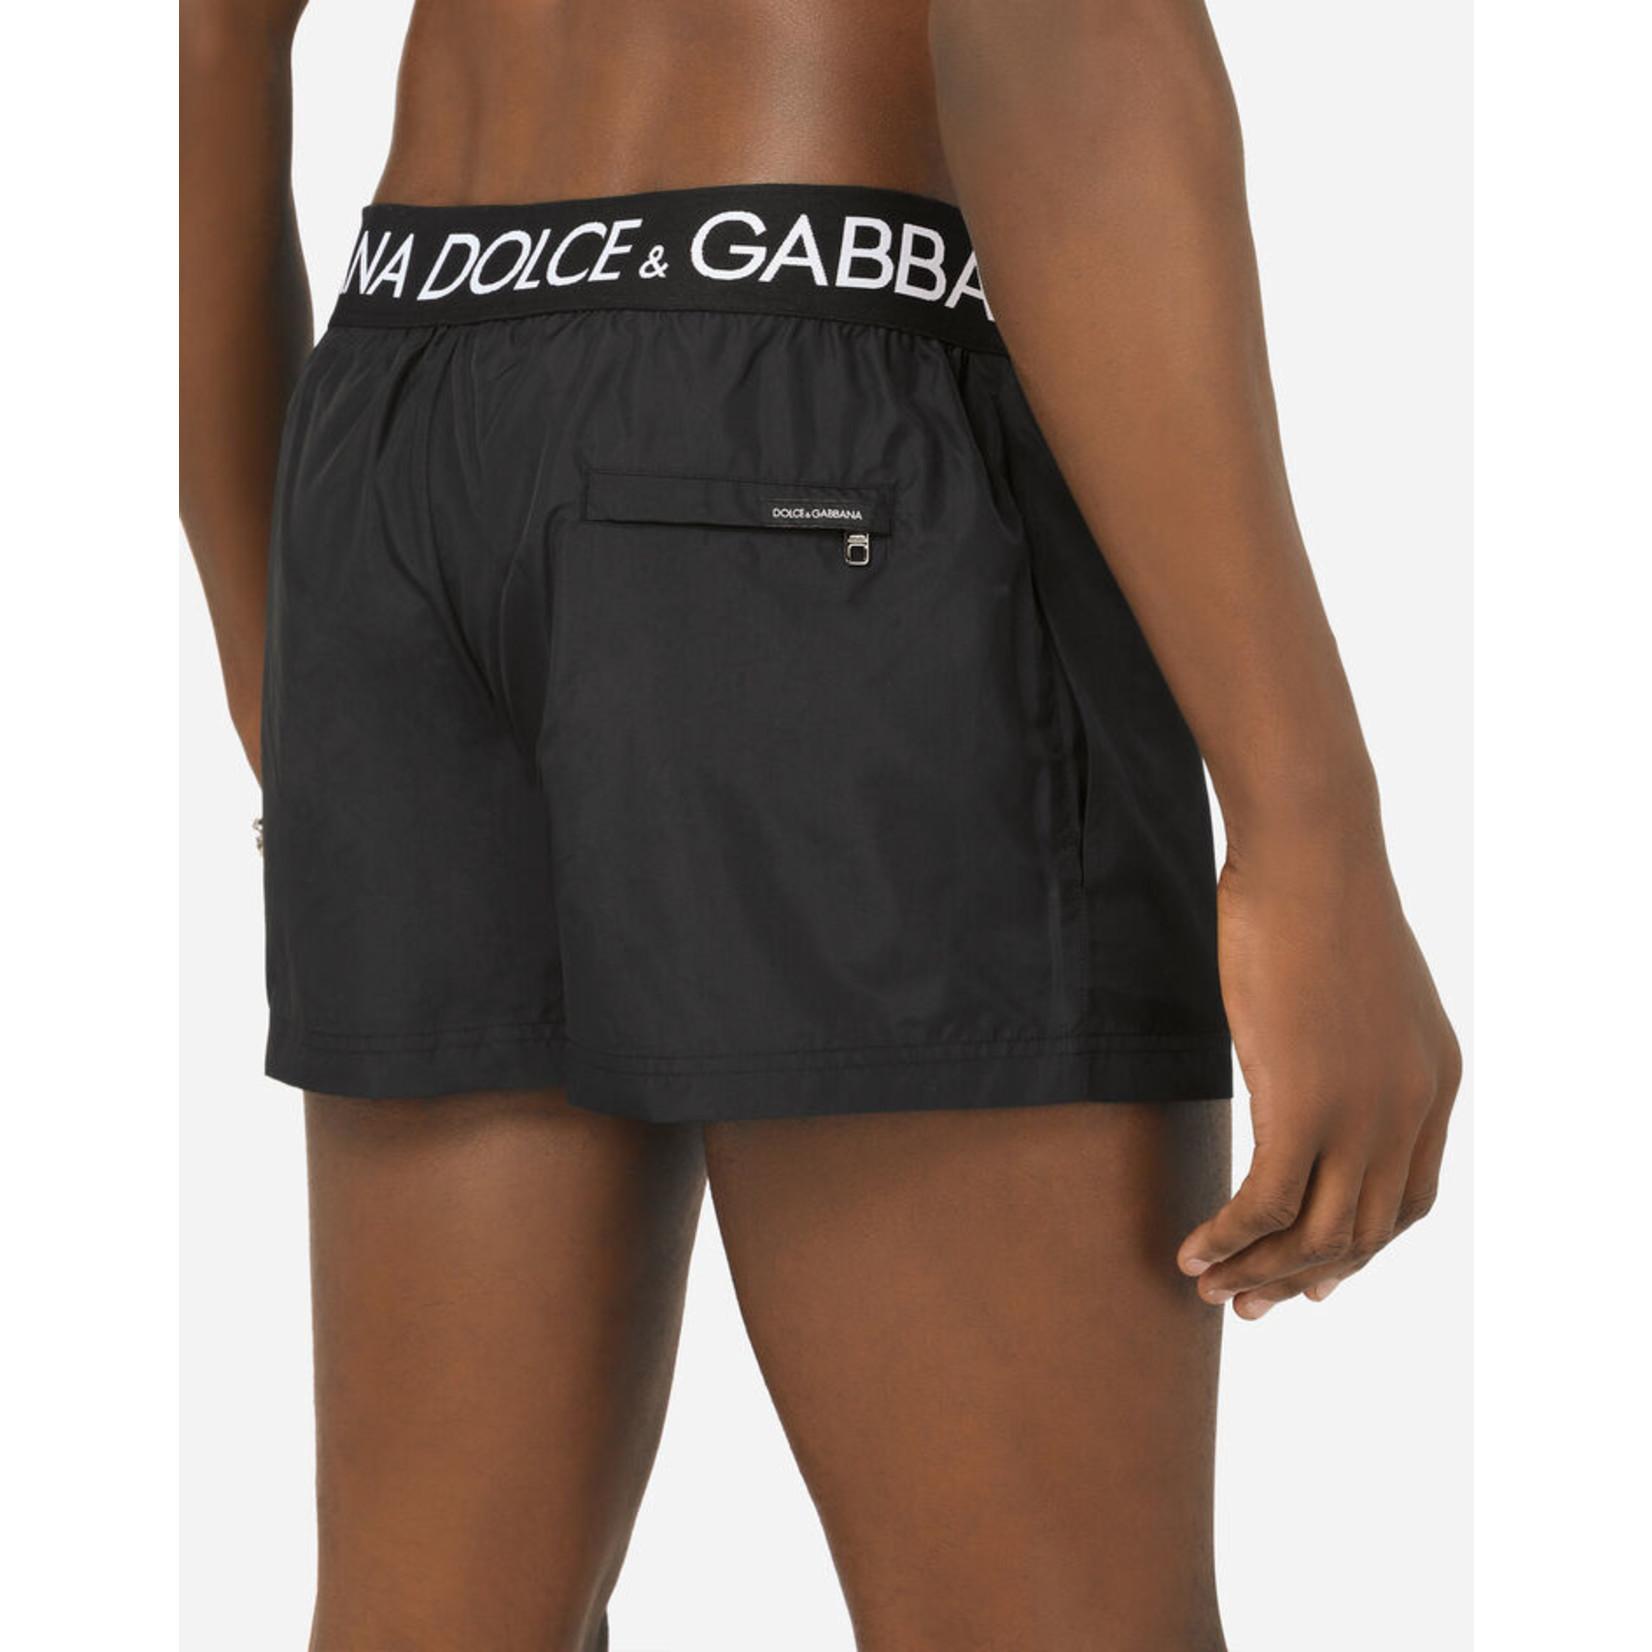 Dolce&Gabbana Beach Zwemshort 42660